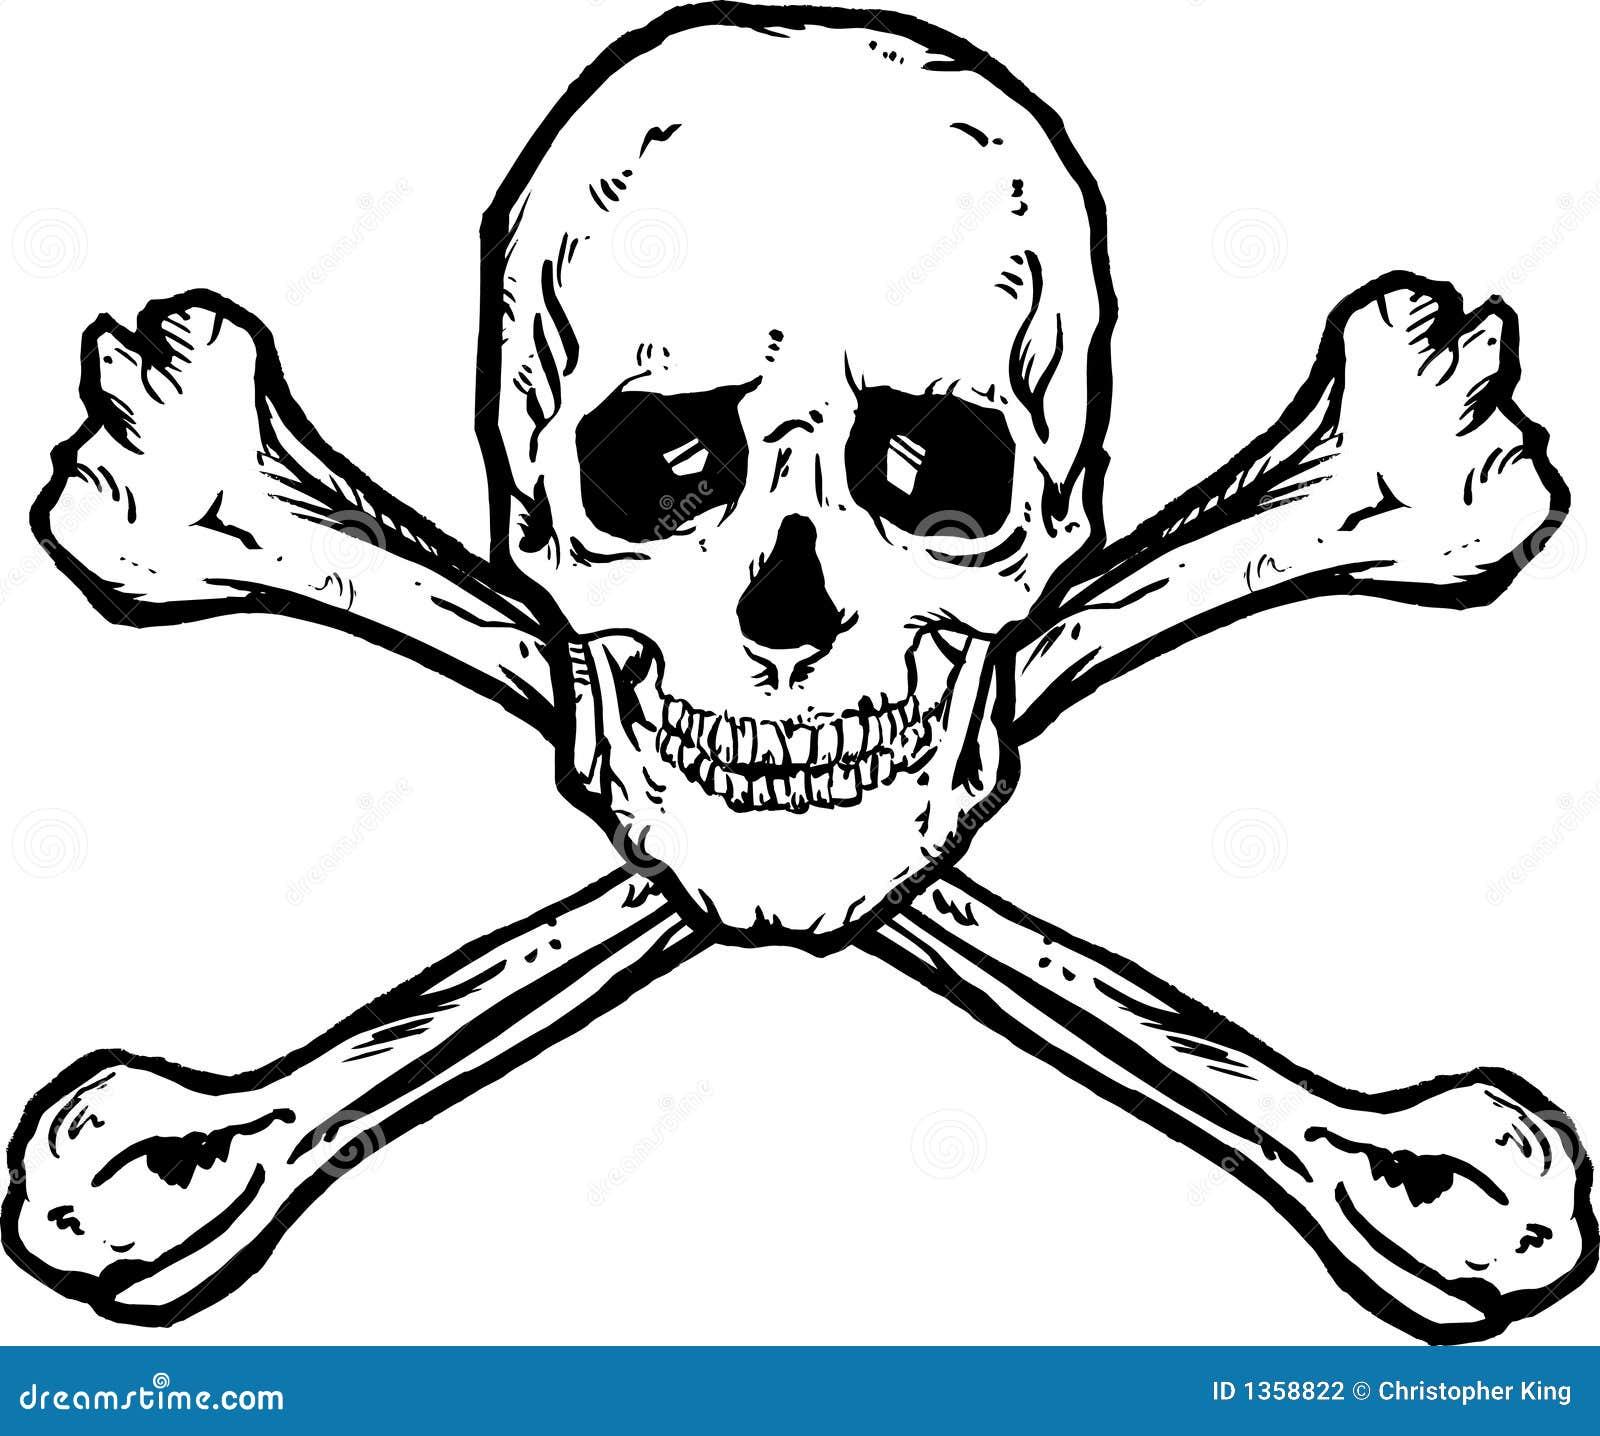 Fantastisch Kompakte Knochen Bilder - Menschliche Anatomie Bilder ...